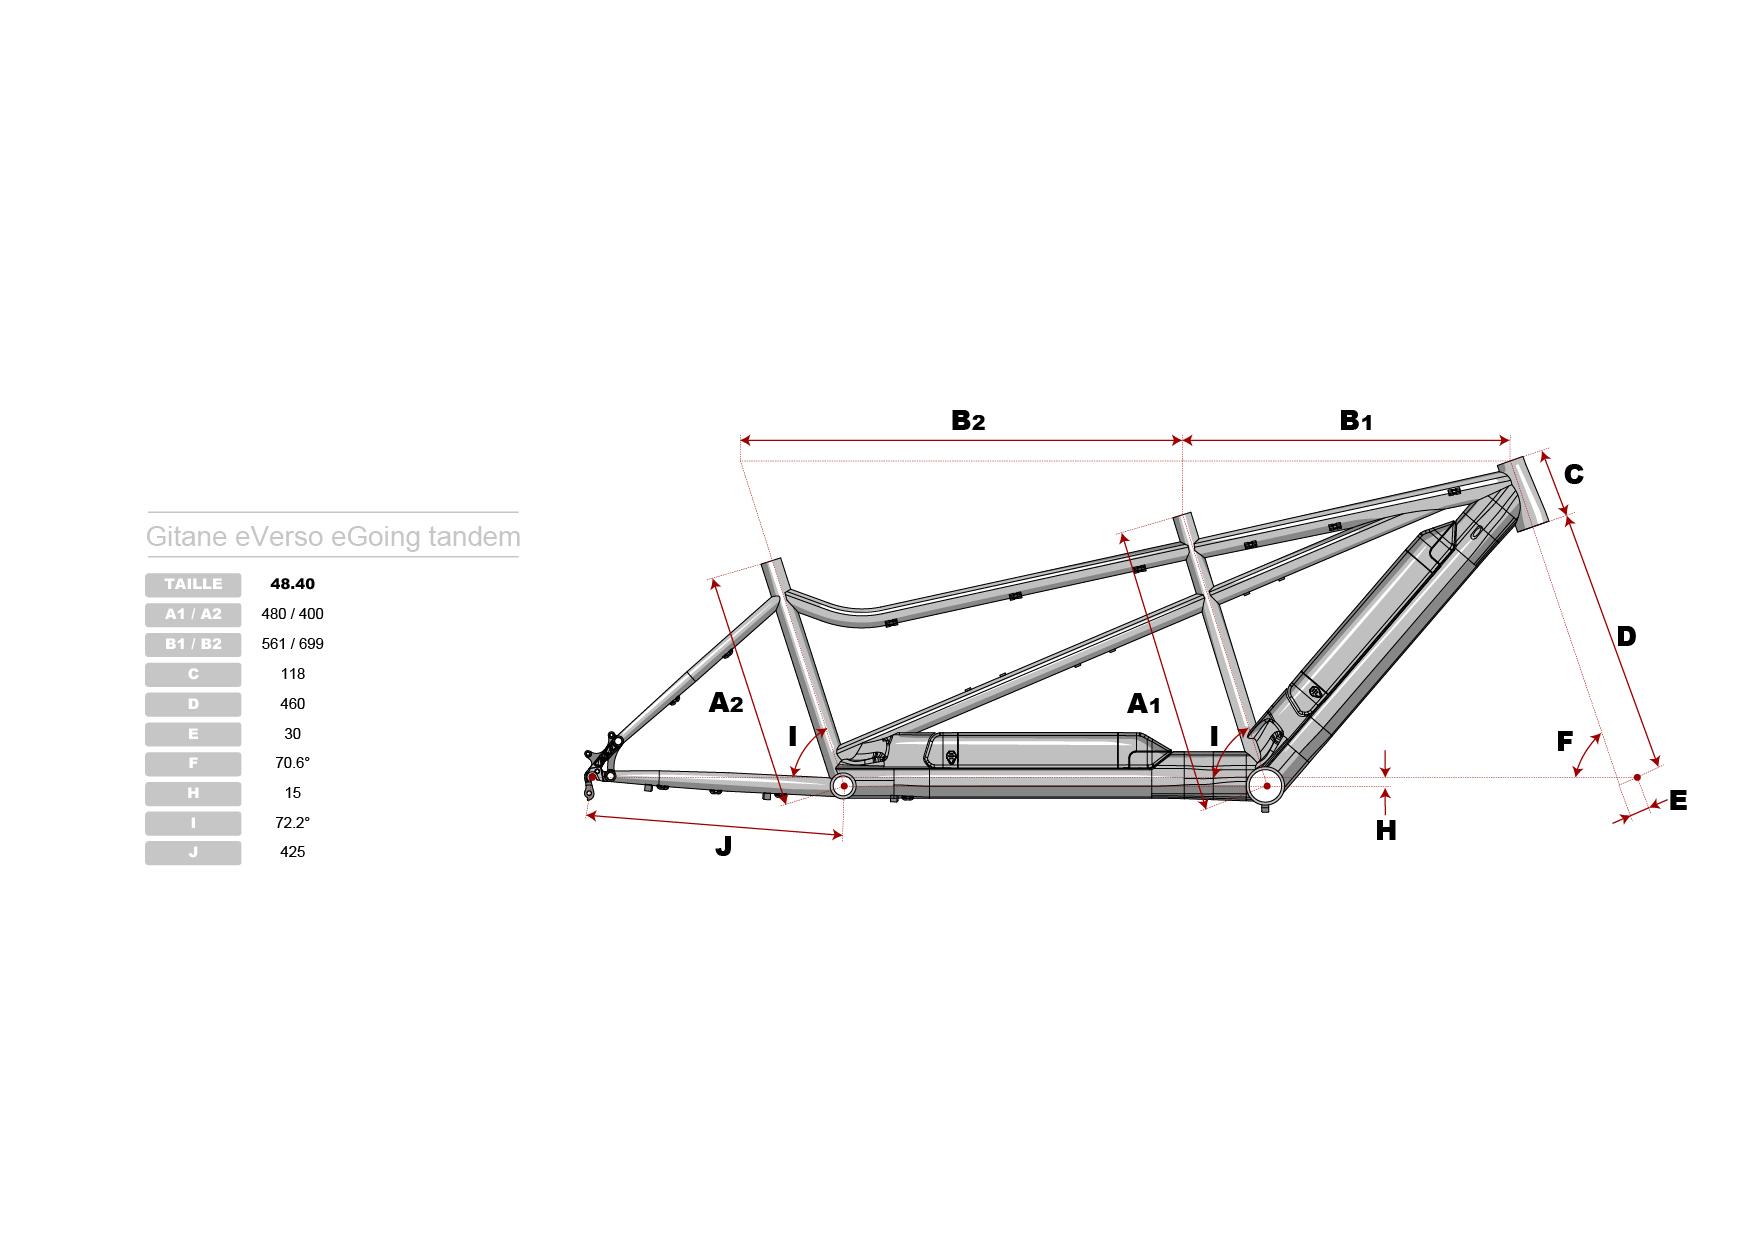 Géométrie cadre vélo électrique tandem Gitane eVerso eGoing 2019